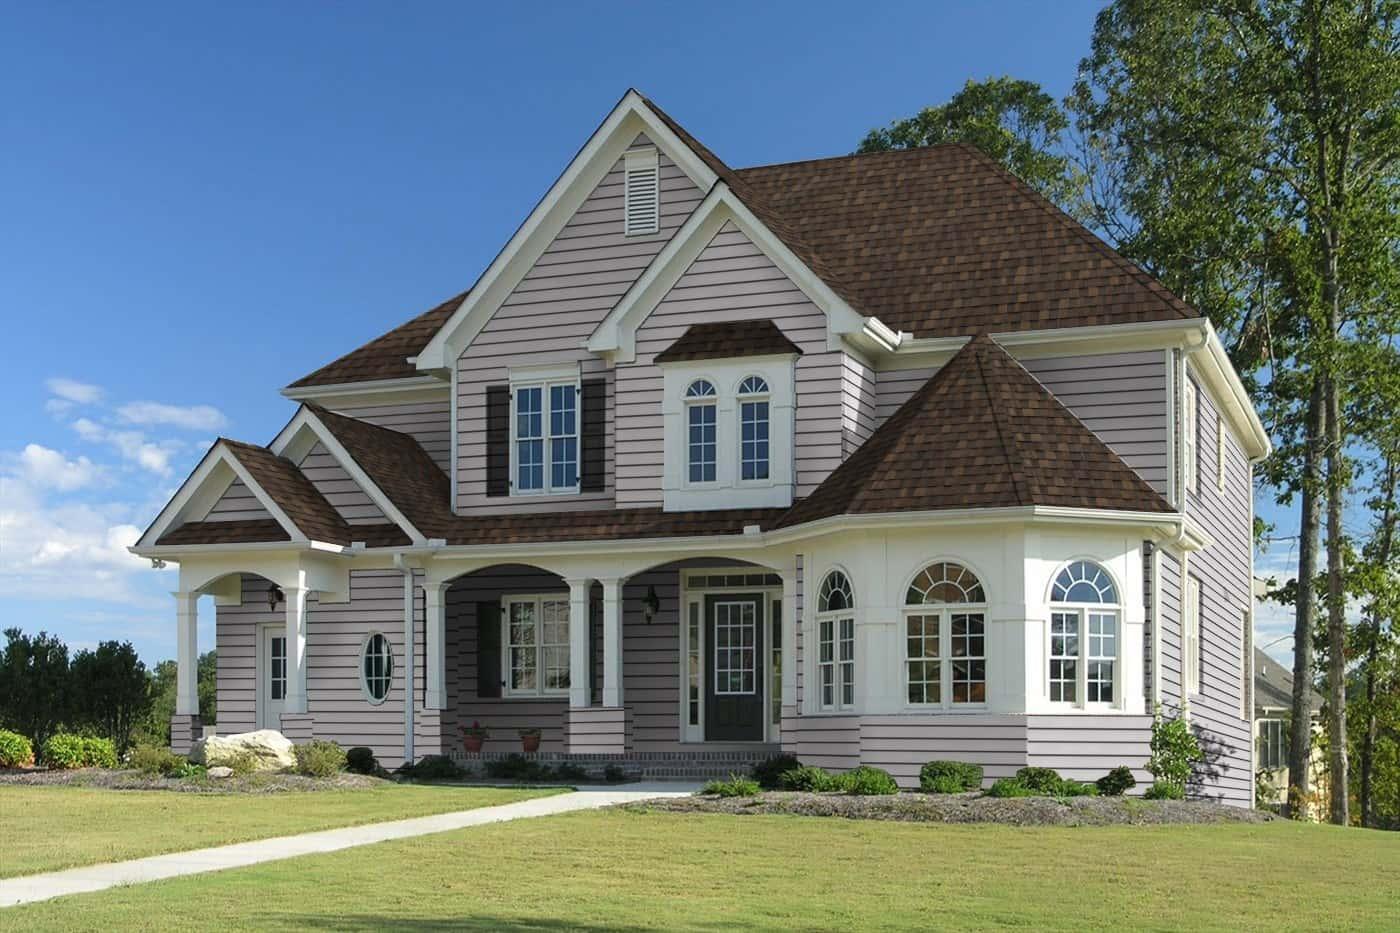 TAMKO Heritage Premium Rustic Slate House